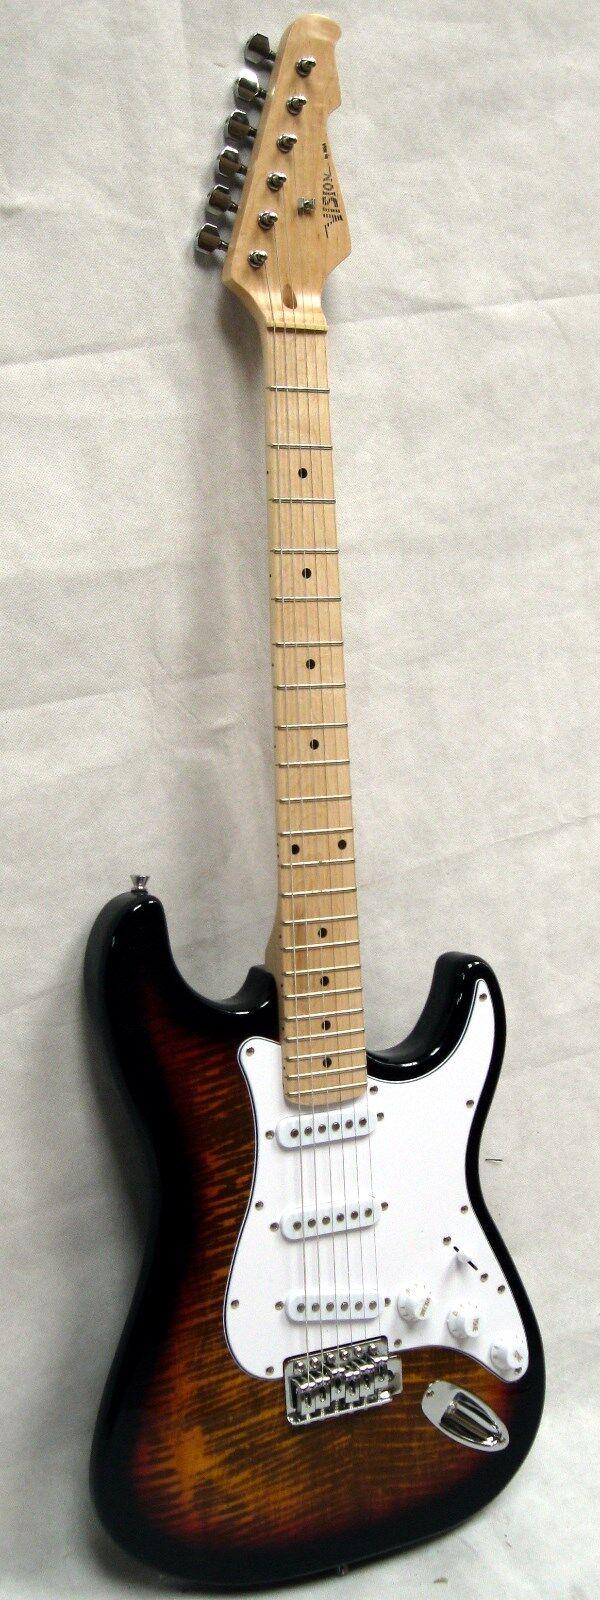 E-Gitarre Ahorn Fingerboard Tremolo PINK FLAMMED Elektrogitarre Eyecatcher